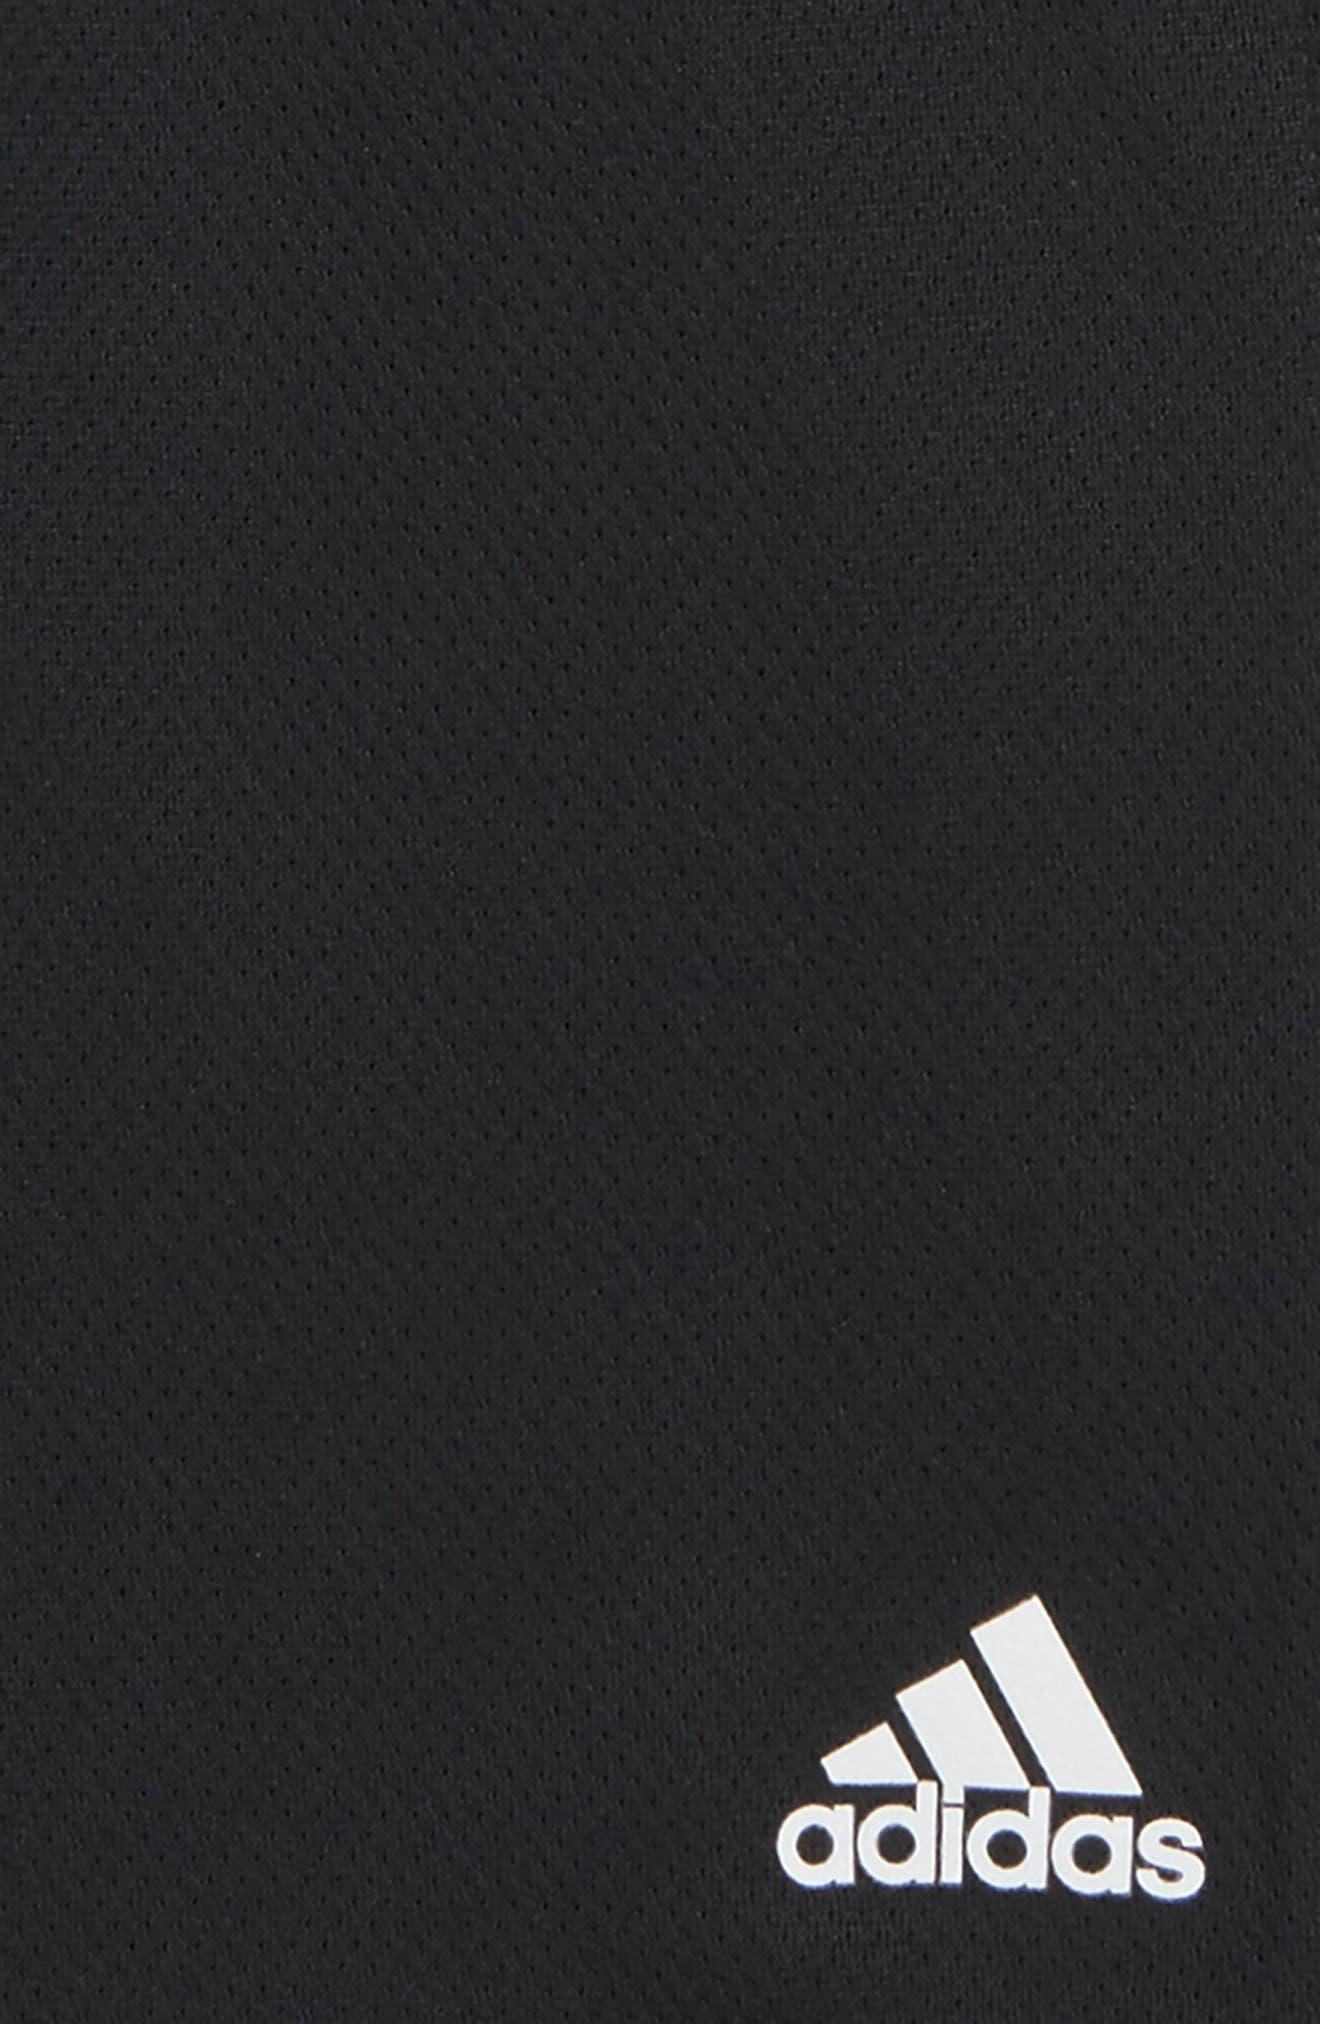 Sport Shorts,                             Alternate thumbnail 2, color,                             Black